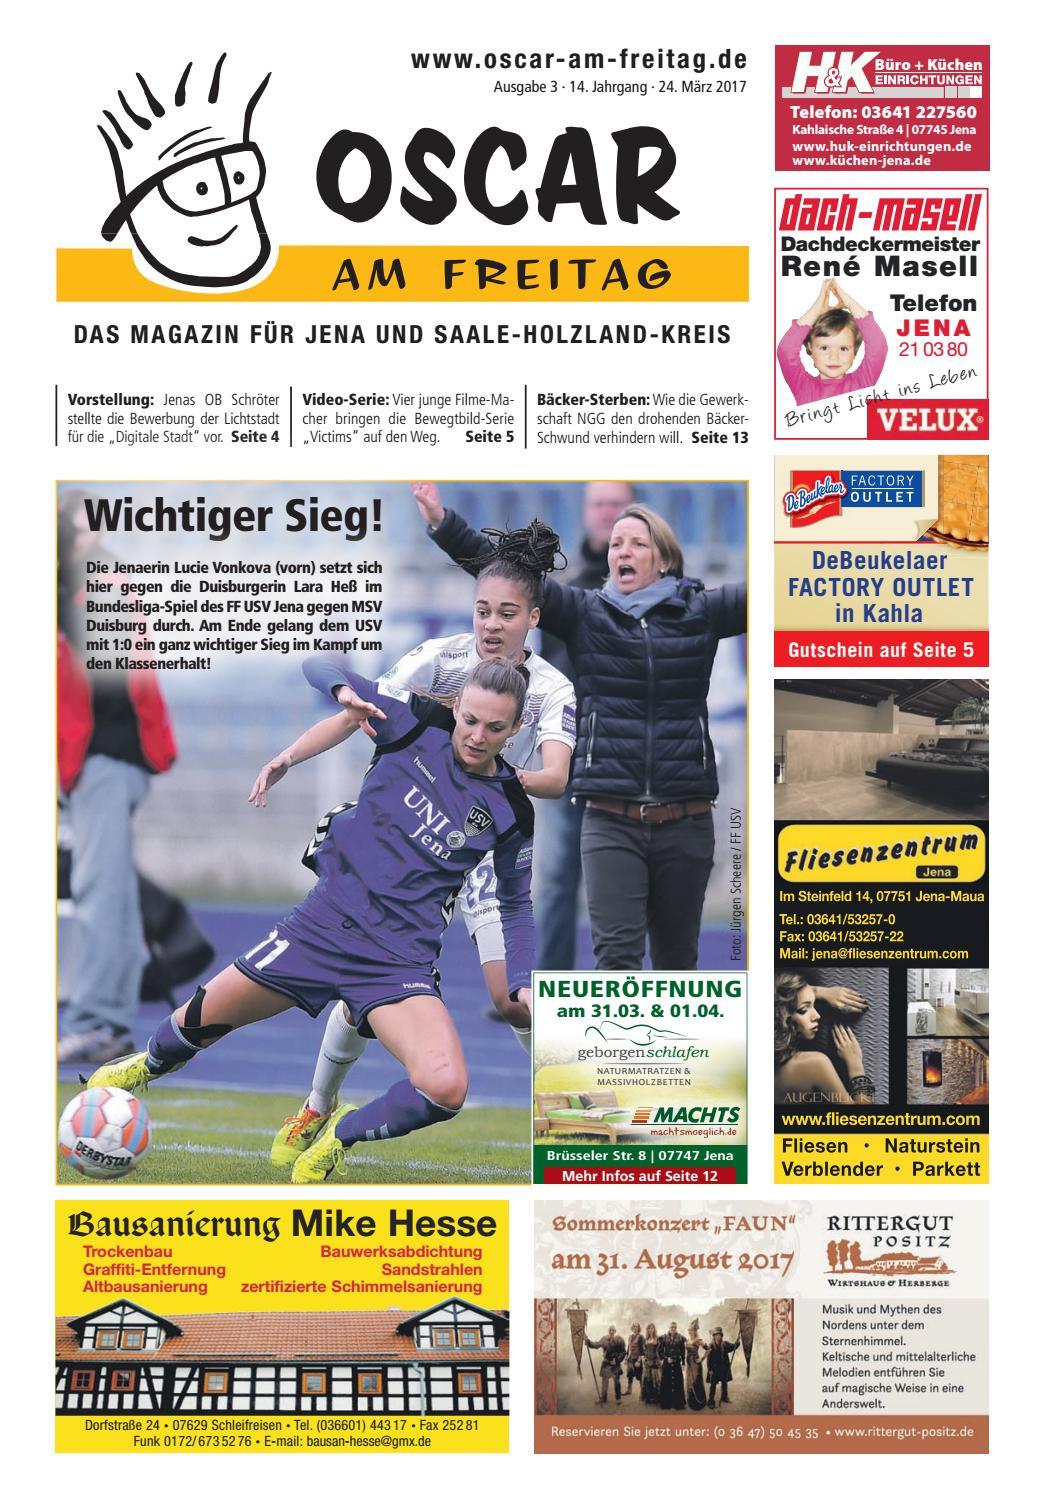 Oscar Am Freitag Jena Und Shk Ausgabe 3 24 03 2017 By